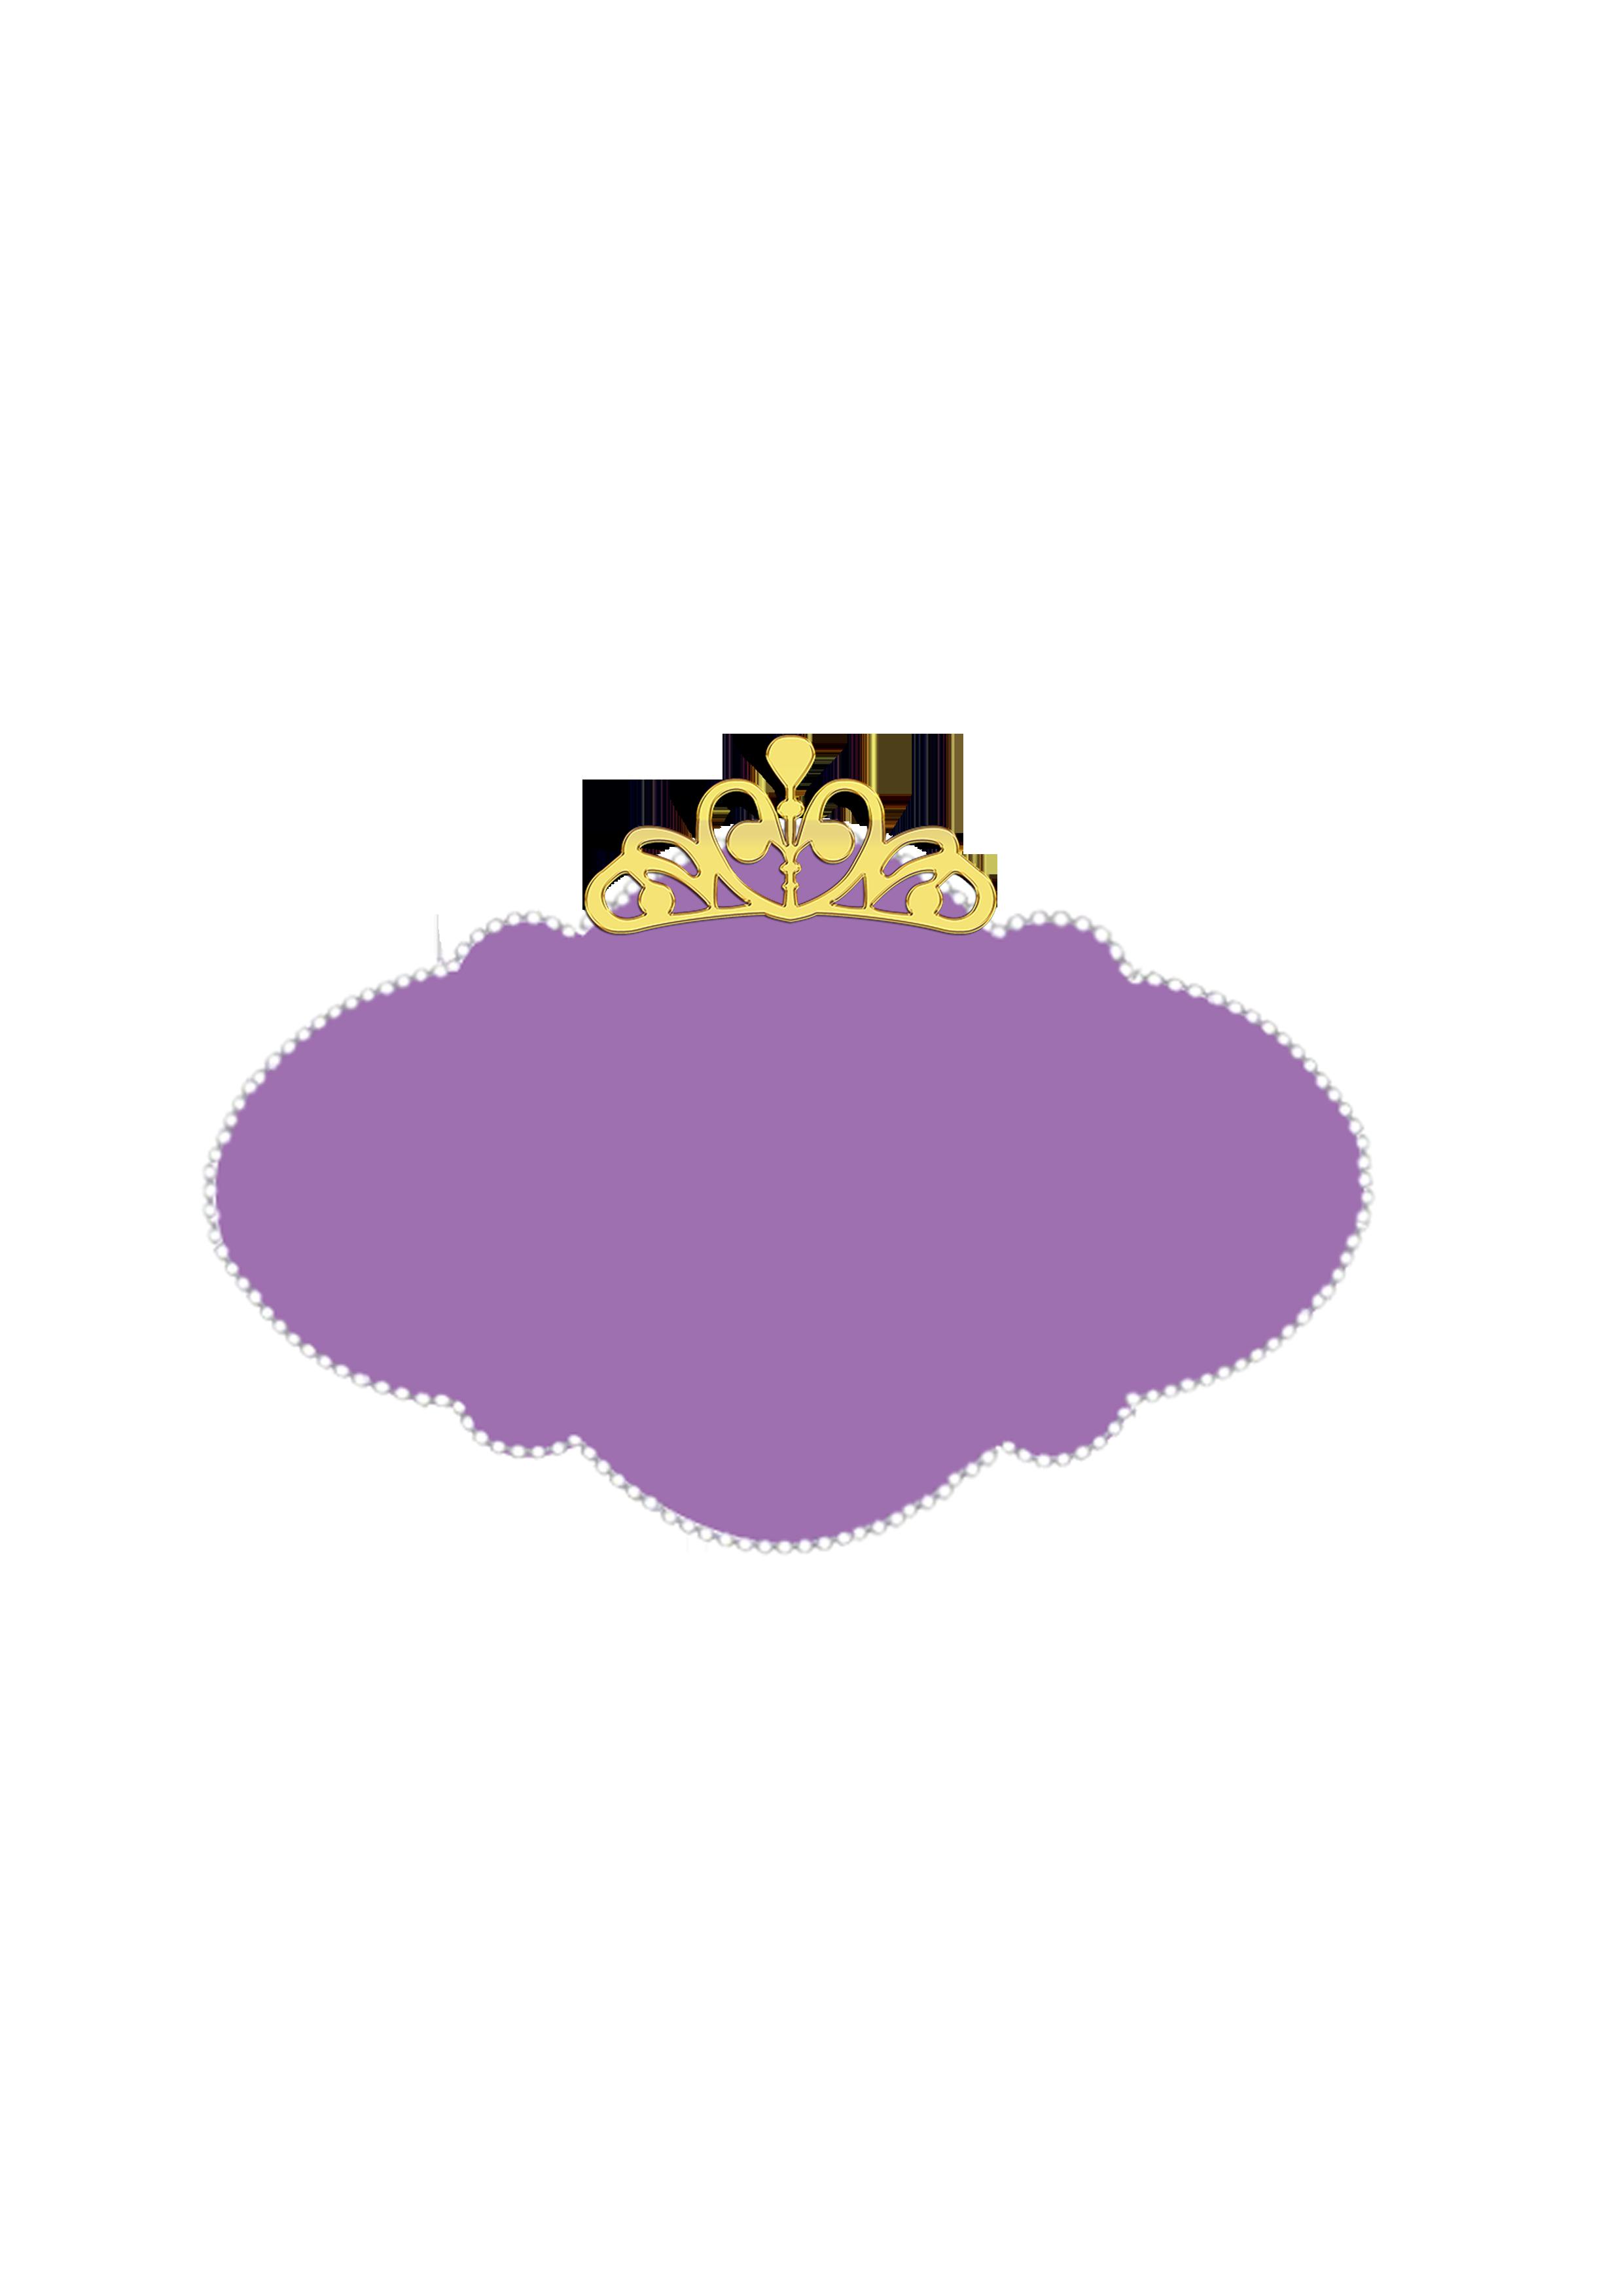 Frame Princesa Sofia da Disney: